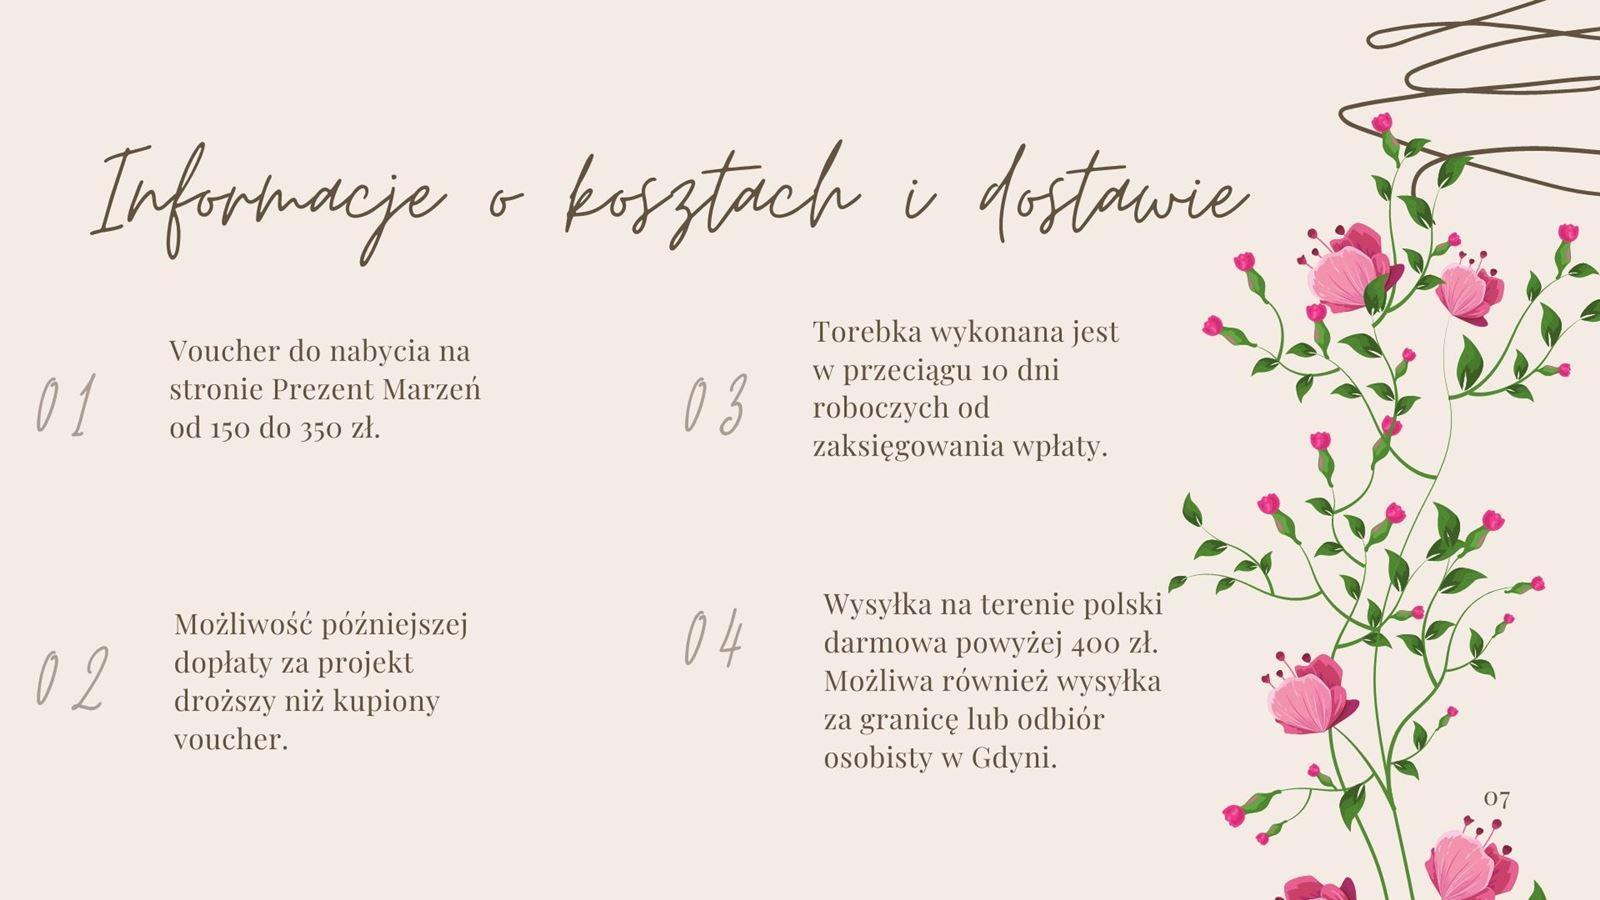 9 Jak zaprojektować własną torebkę. Szycie torebek według swojego projektu. Prezent marzeń - pomysł na niebanalny prezent dla blogerki, dziewczyny, mamy, siostry, koleżanki, przyjaciółki. Torebki polska marka MANA MANA jakośc opinie, gdzie kupić, ile kosztuje